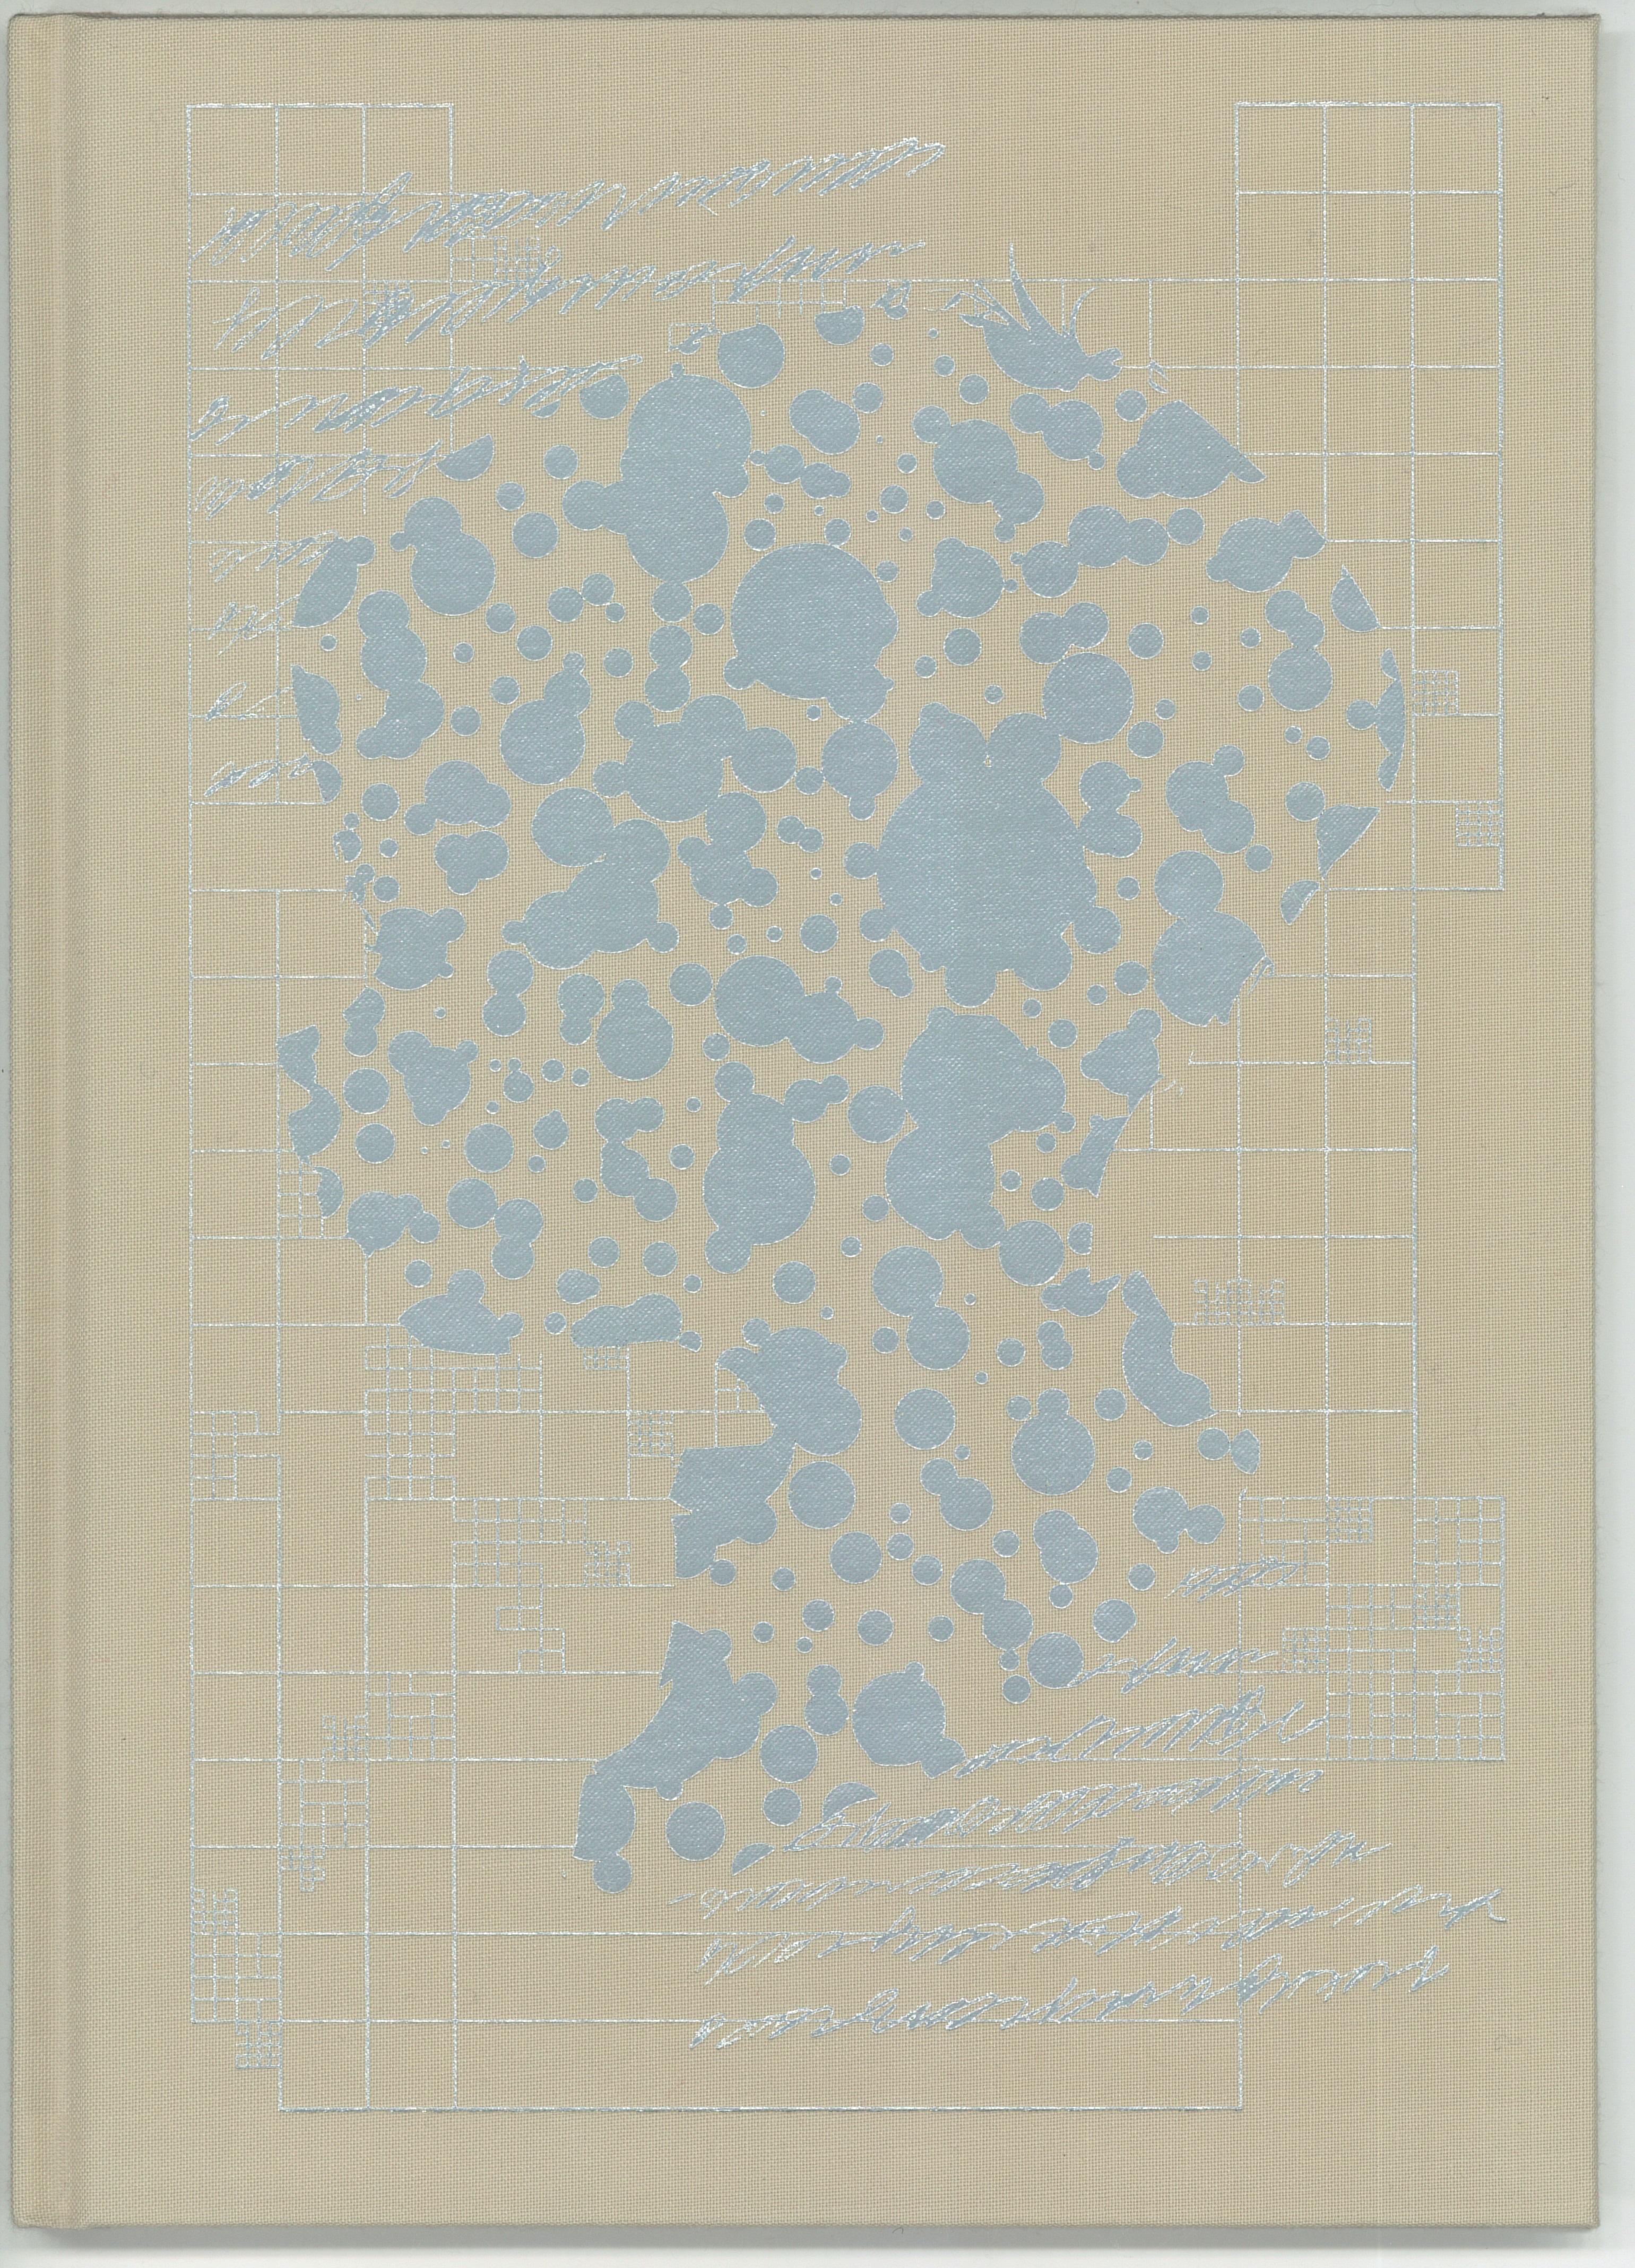 【追加受付】kyomubyo another story picture book -nothingness-の画像